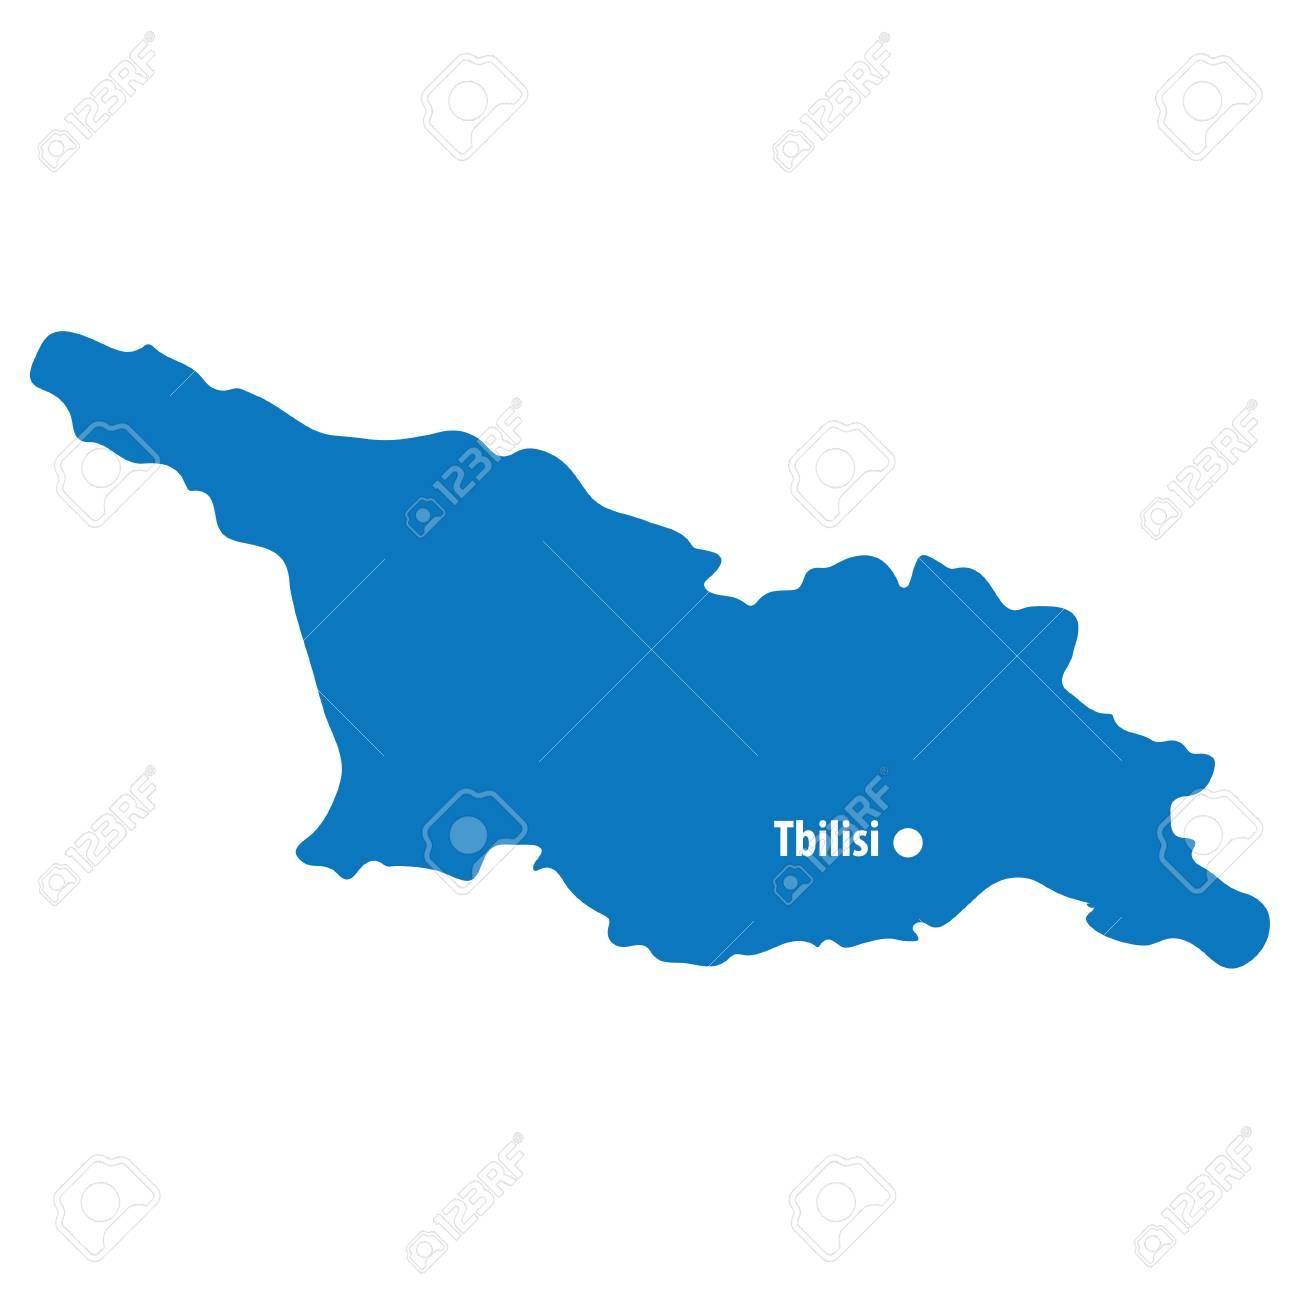 Blue Similar Georgia Map Vector With Capital City Tbilisi. European ...